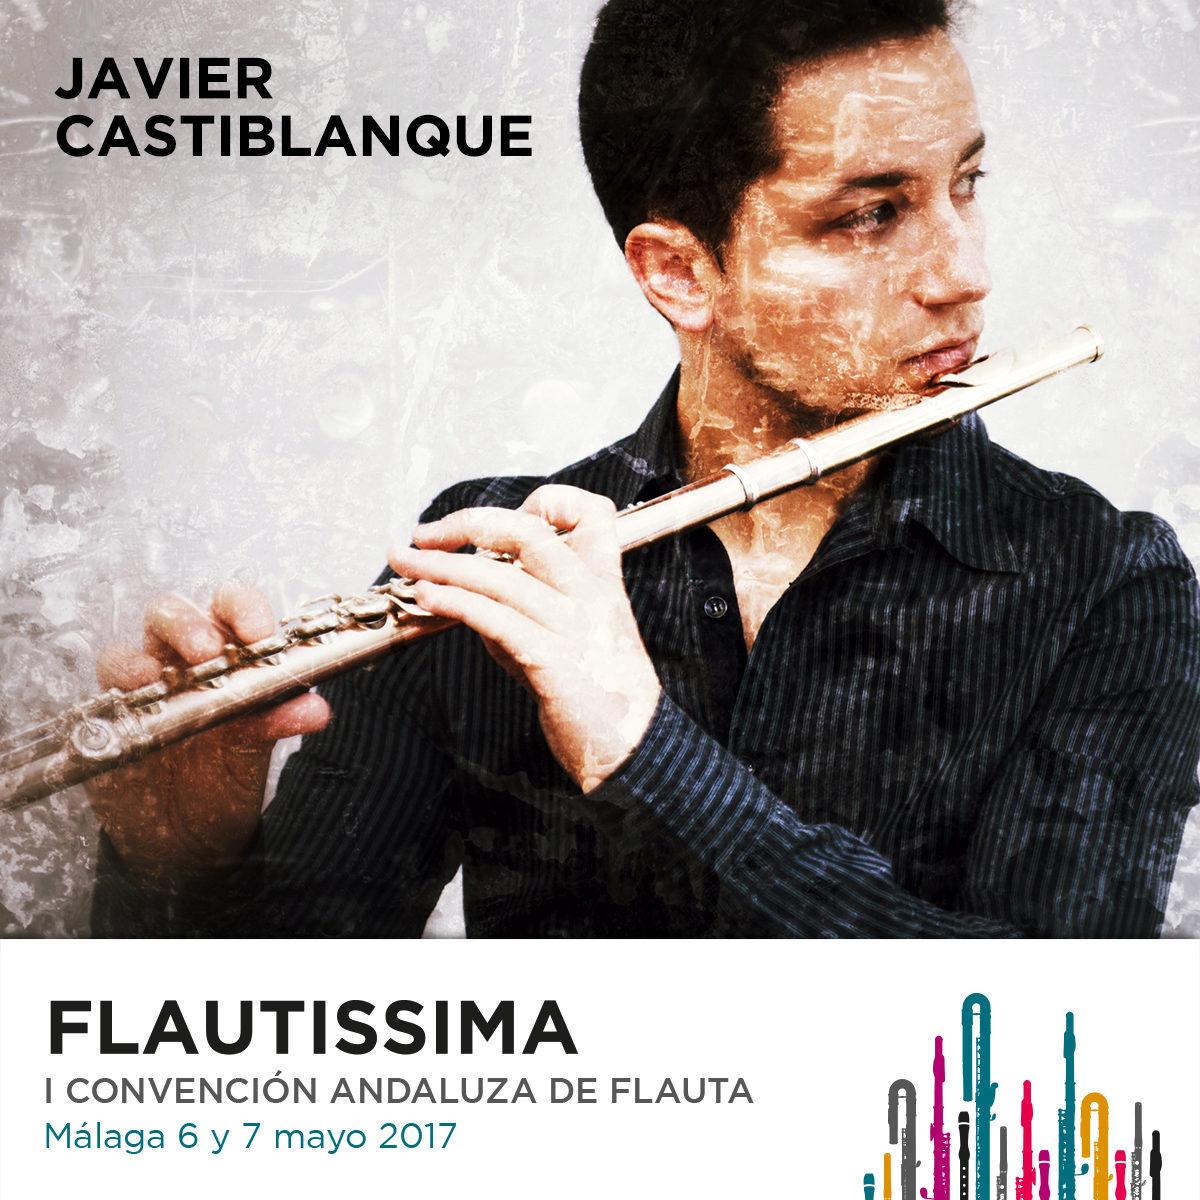 Javier Castiblanque Flautissima